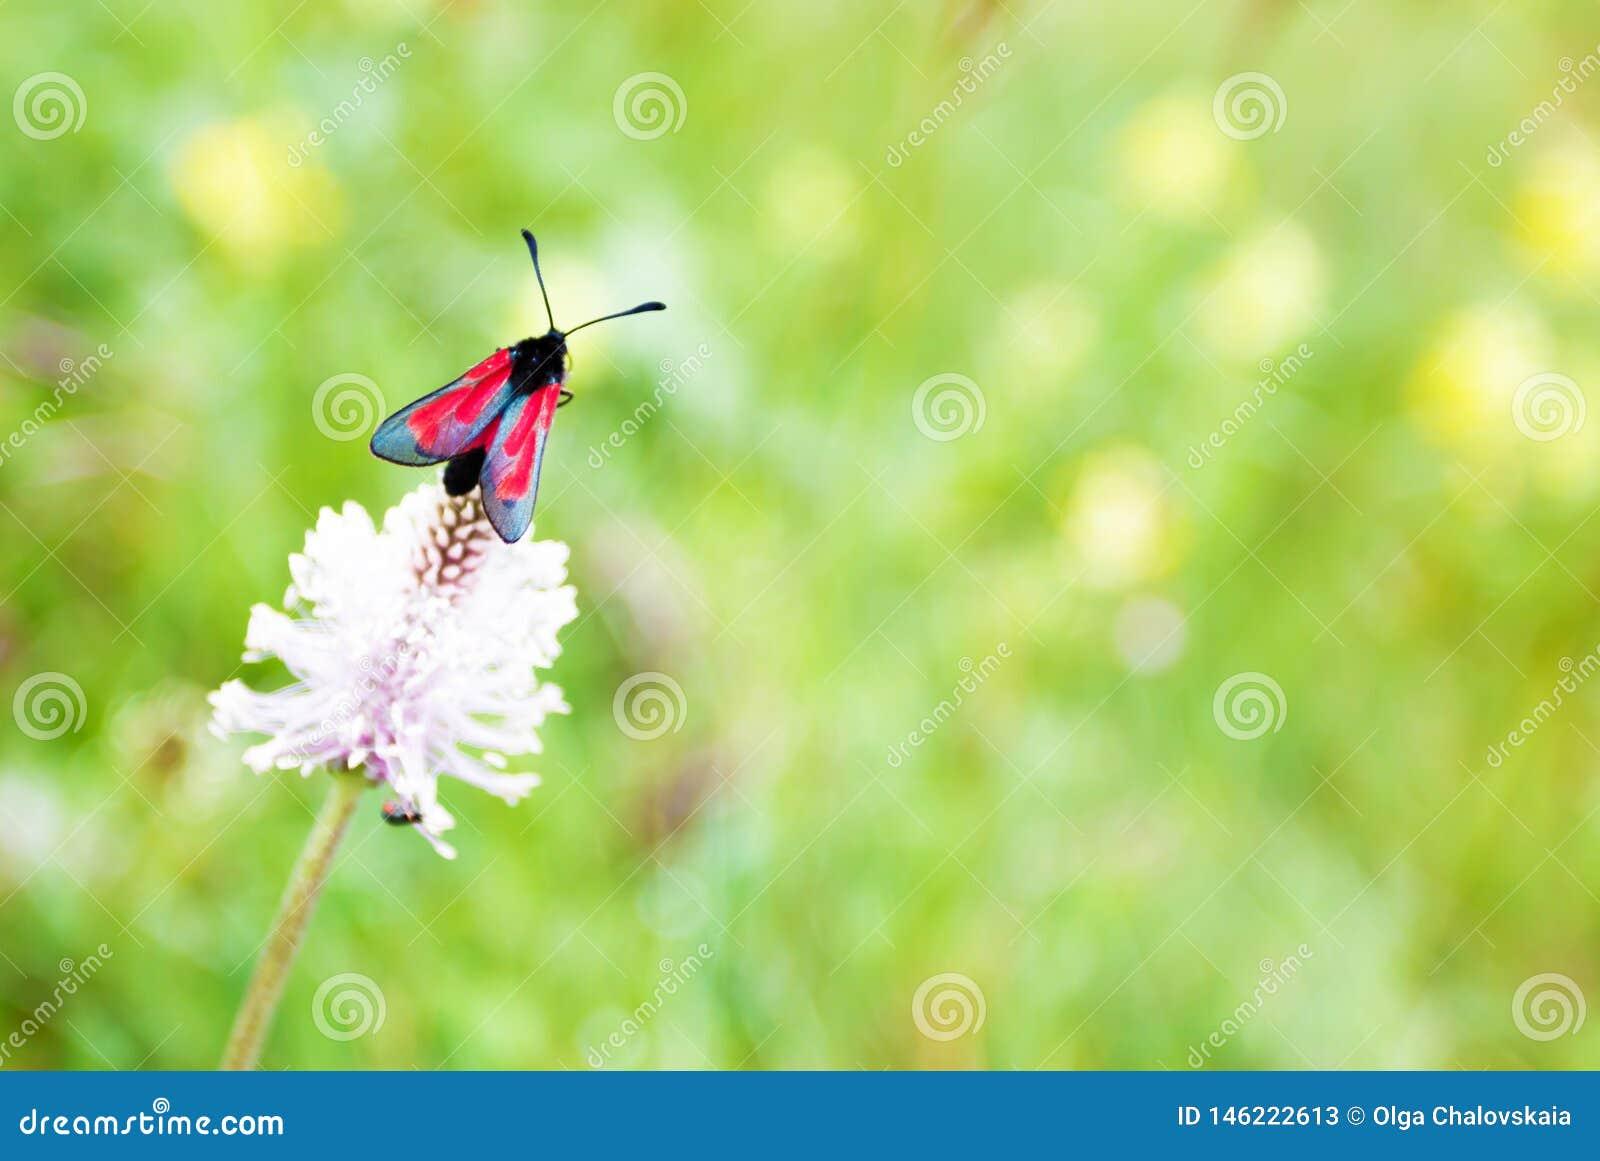 Mariposa roja en el trébol, foto macra